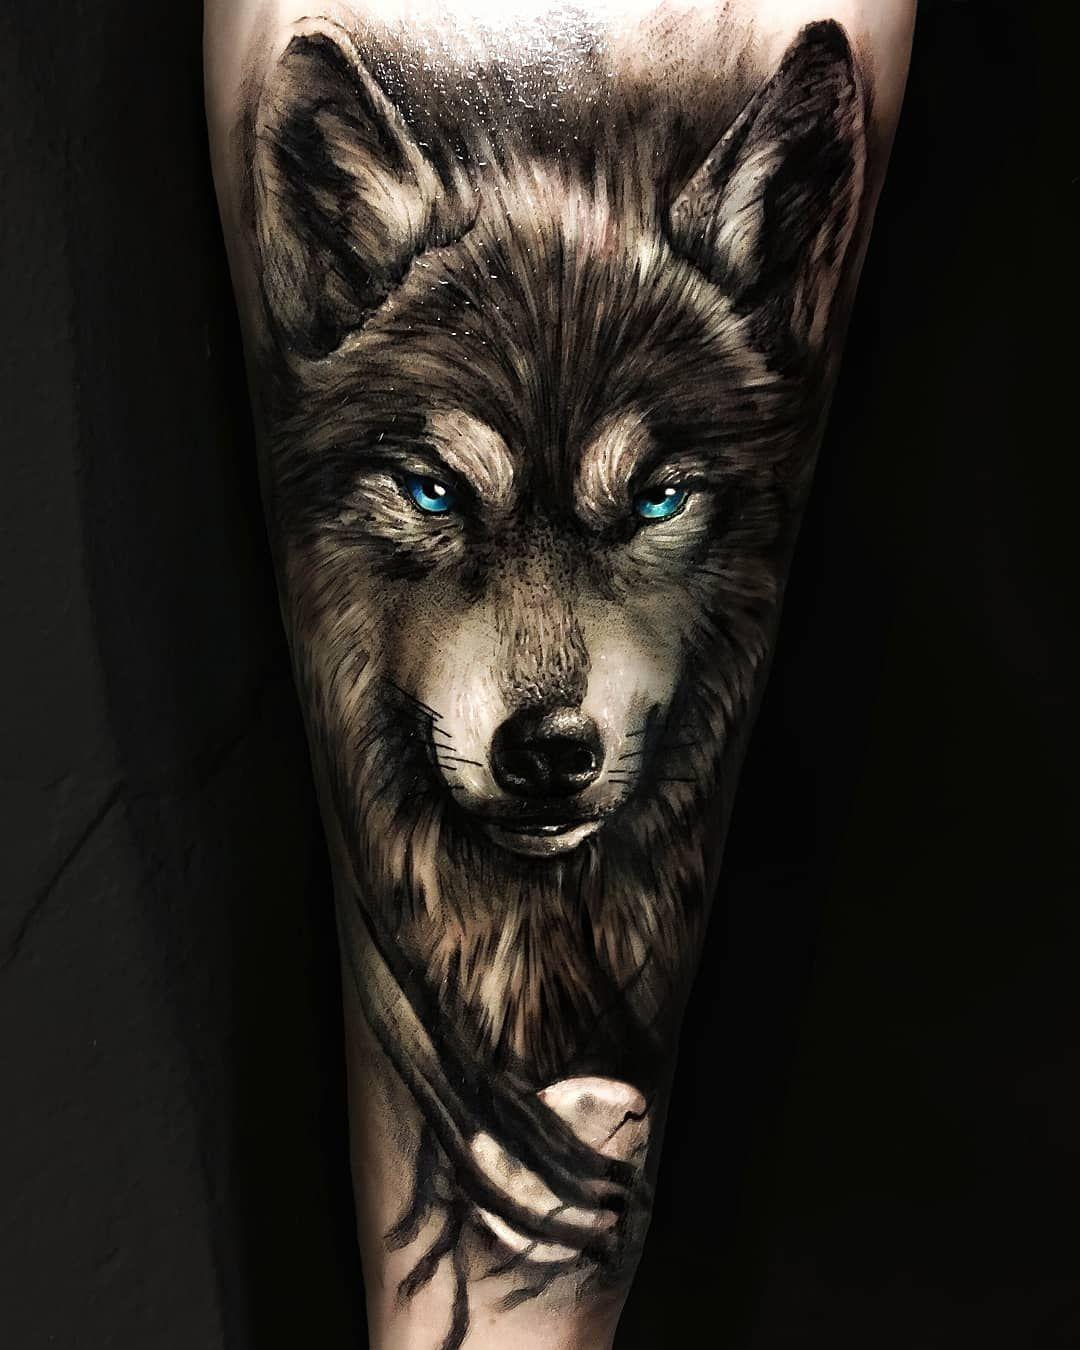 , Tatuador Eduardo Lunardi – lunarditattoo – Perfil Tattoo2me., My Tattoo Blog 2020, My Tattoo Blog 2020